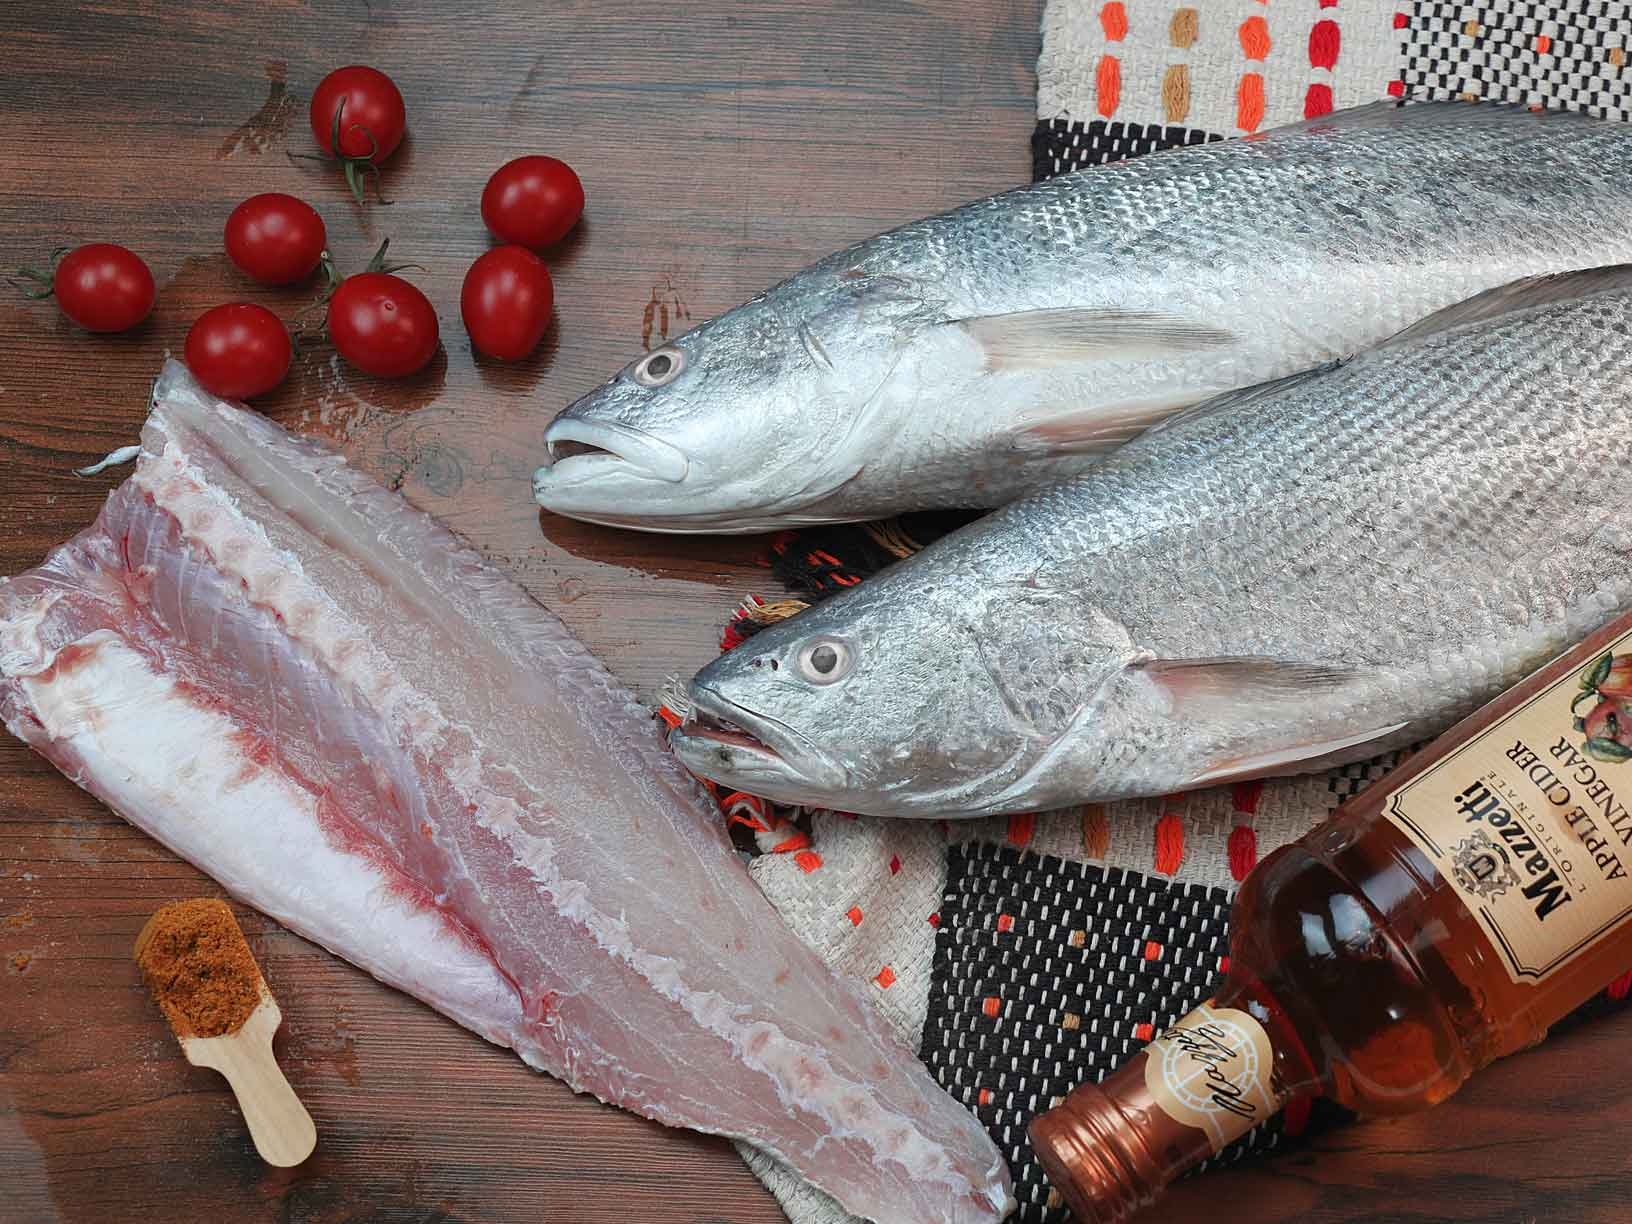 طبخ ماهی در خانه